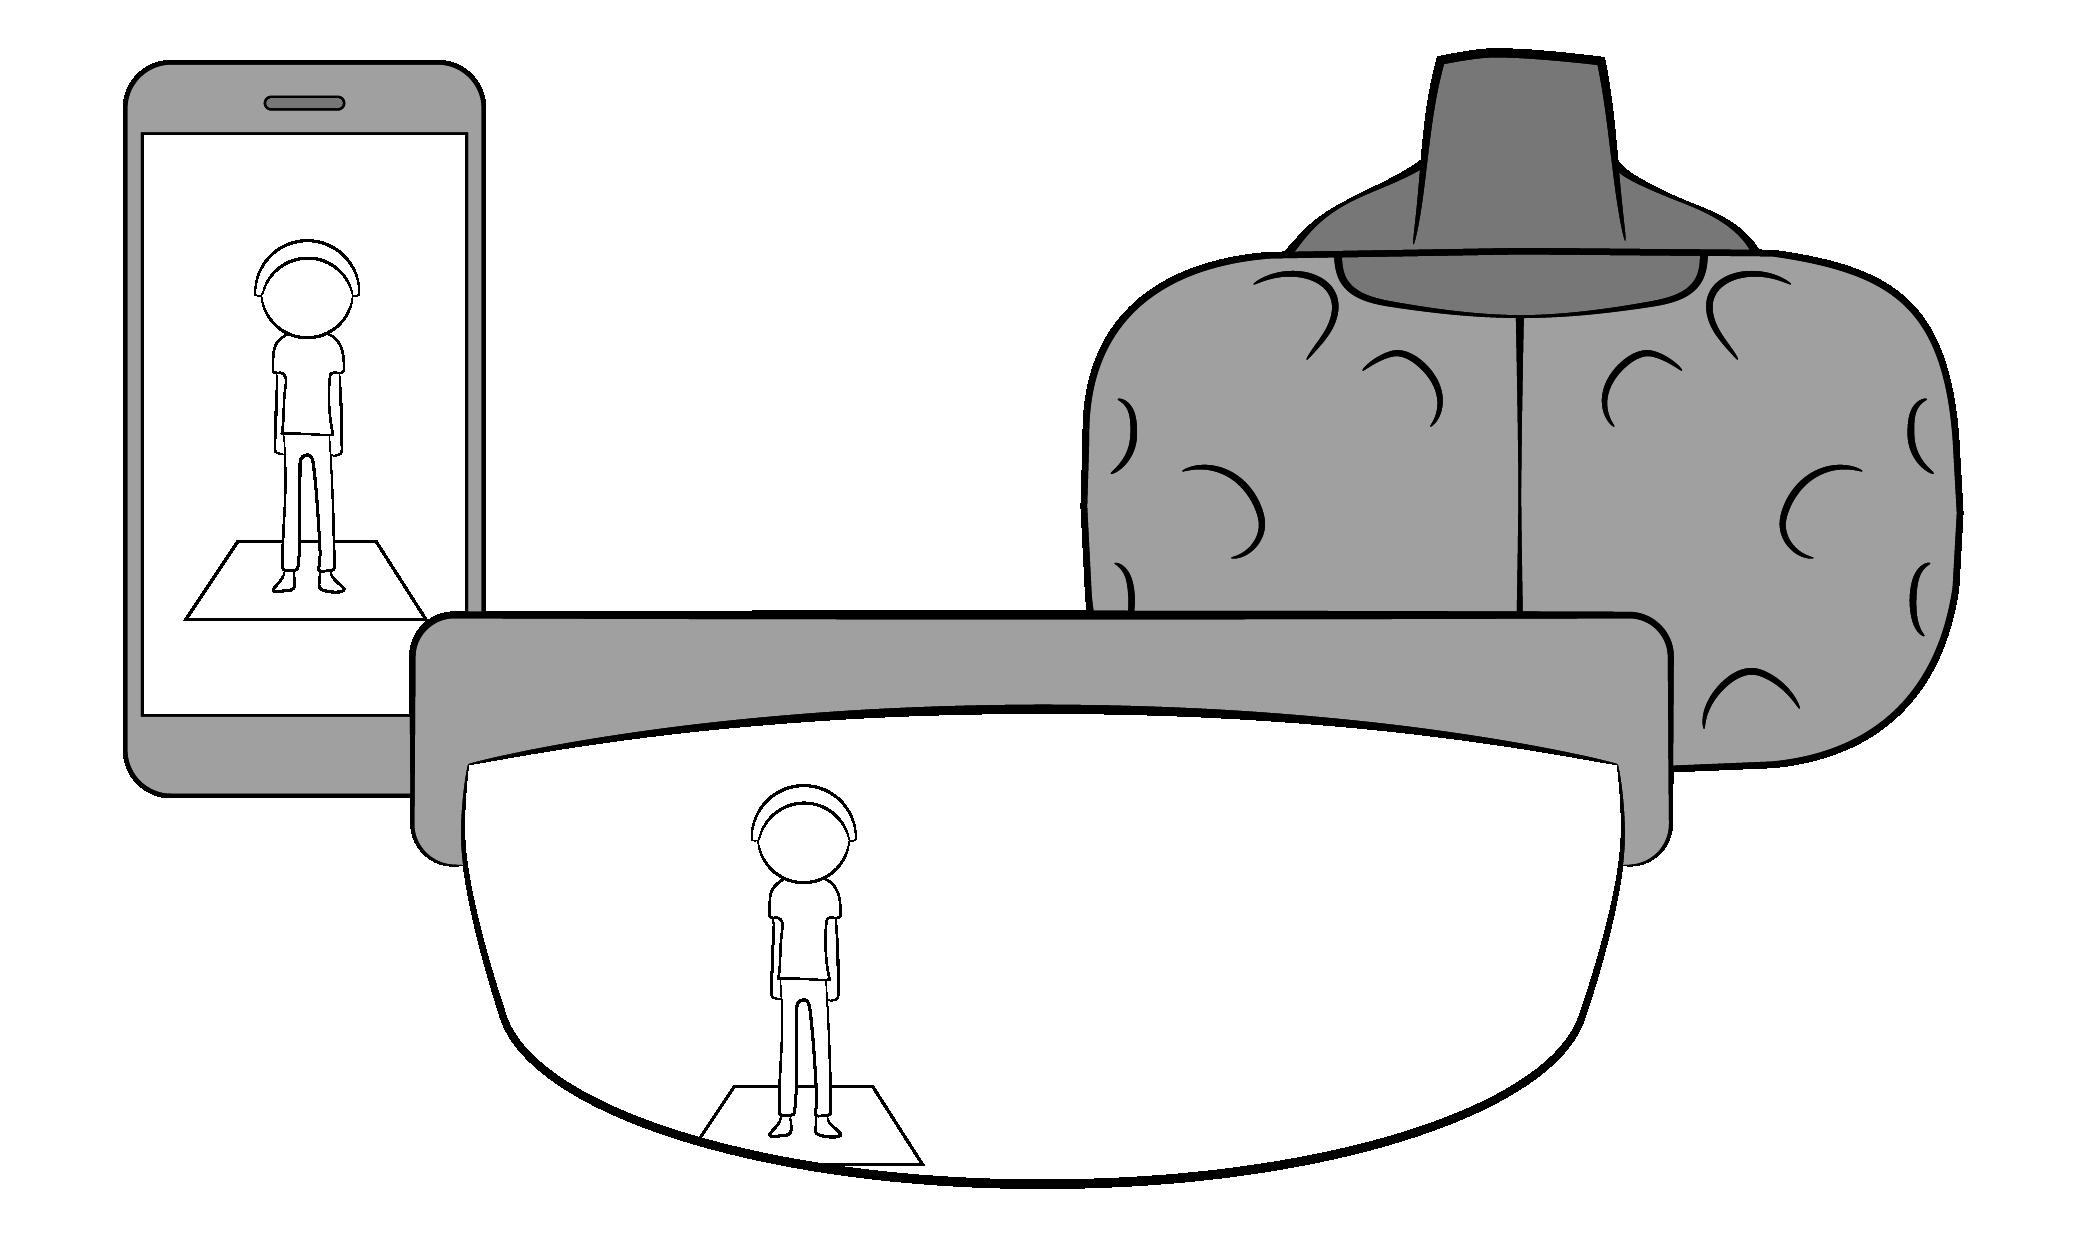 6DoF - AR/VR/FVV